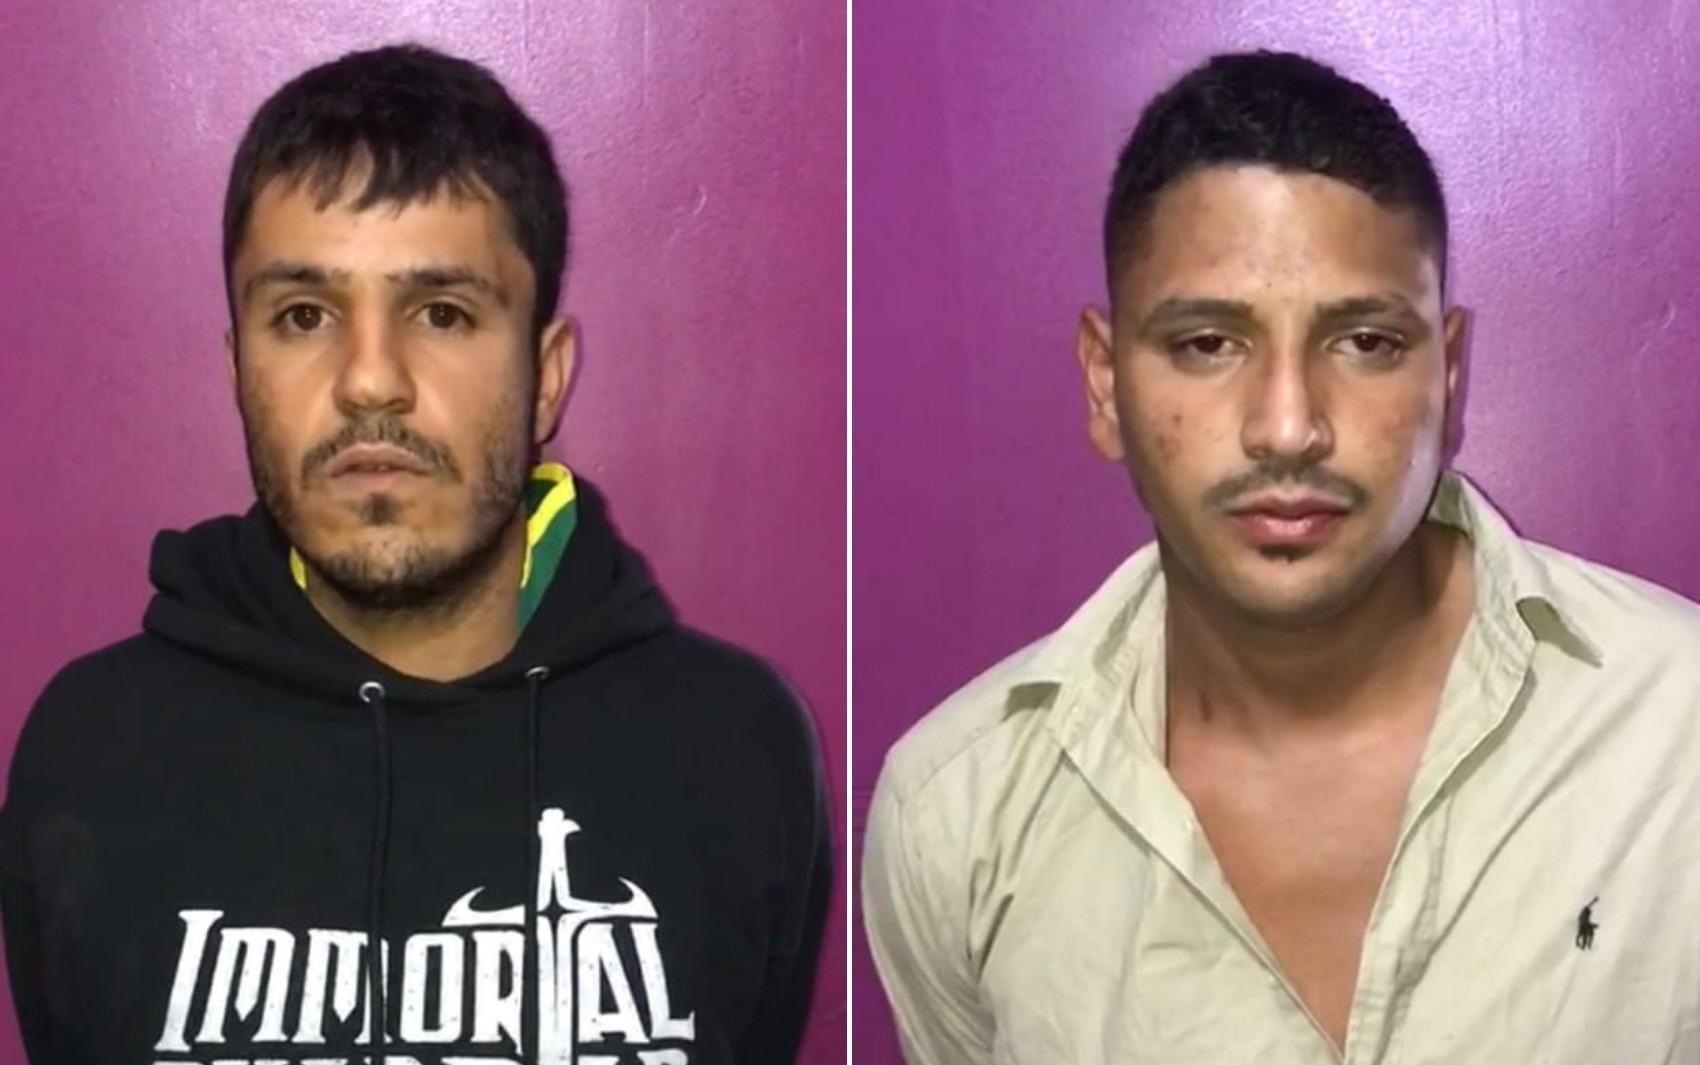 Polícia indicia dois homens por matar e queimar corpo de homem, em Goiânia